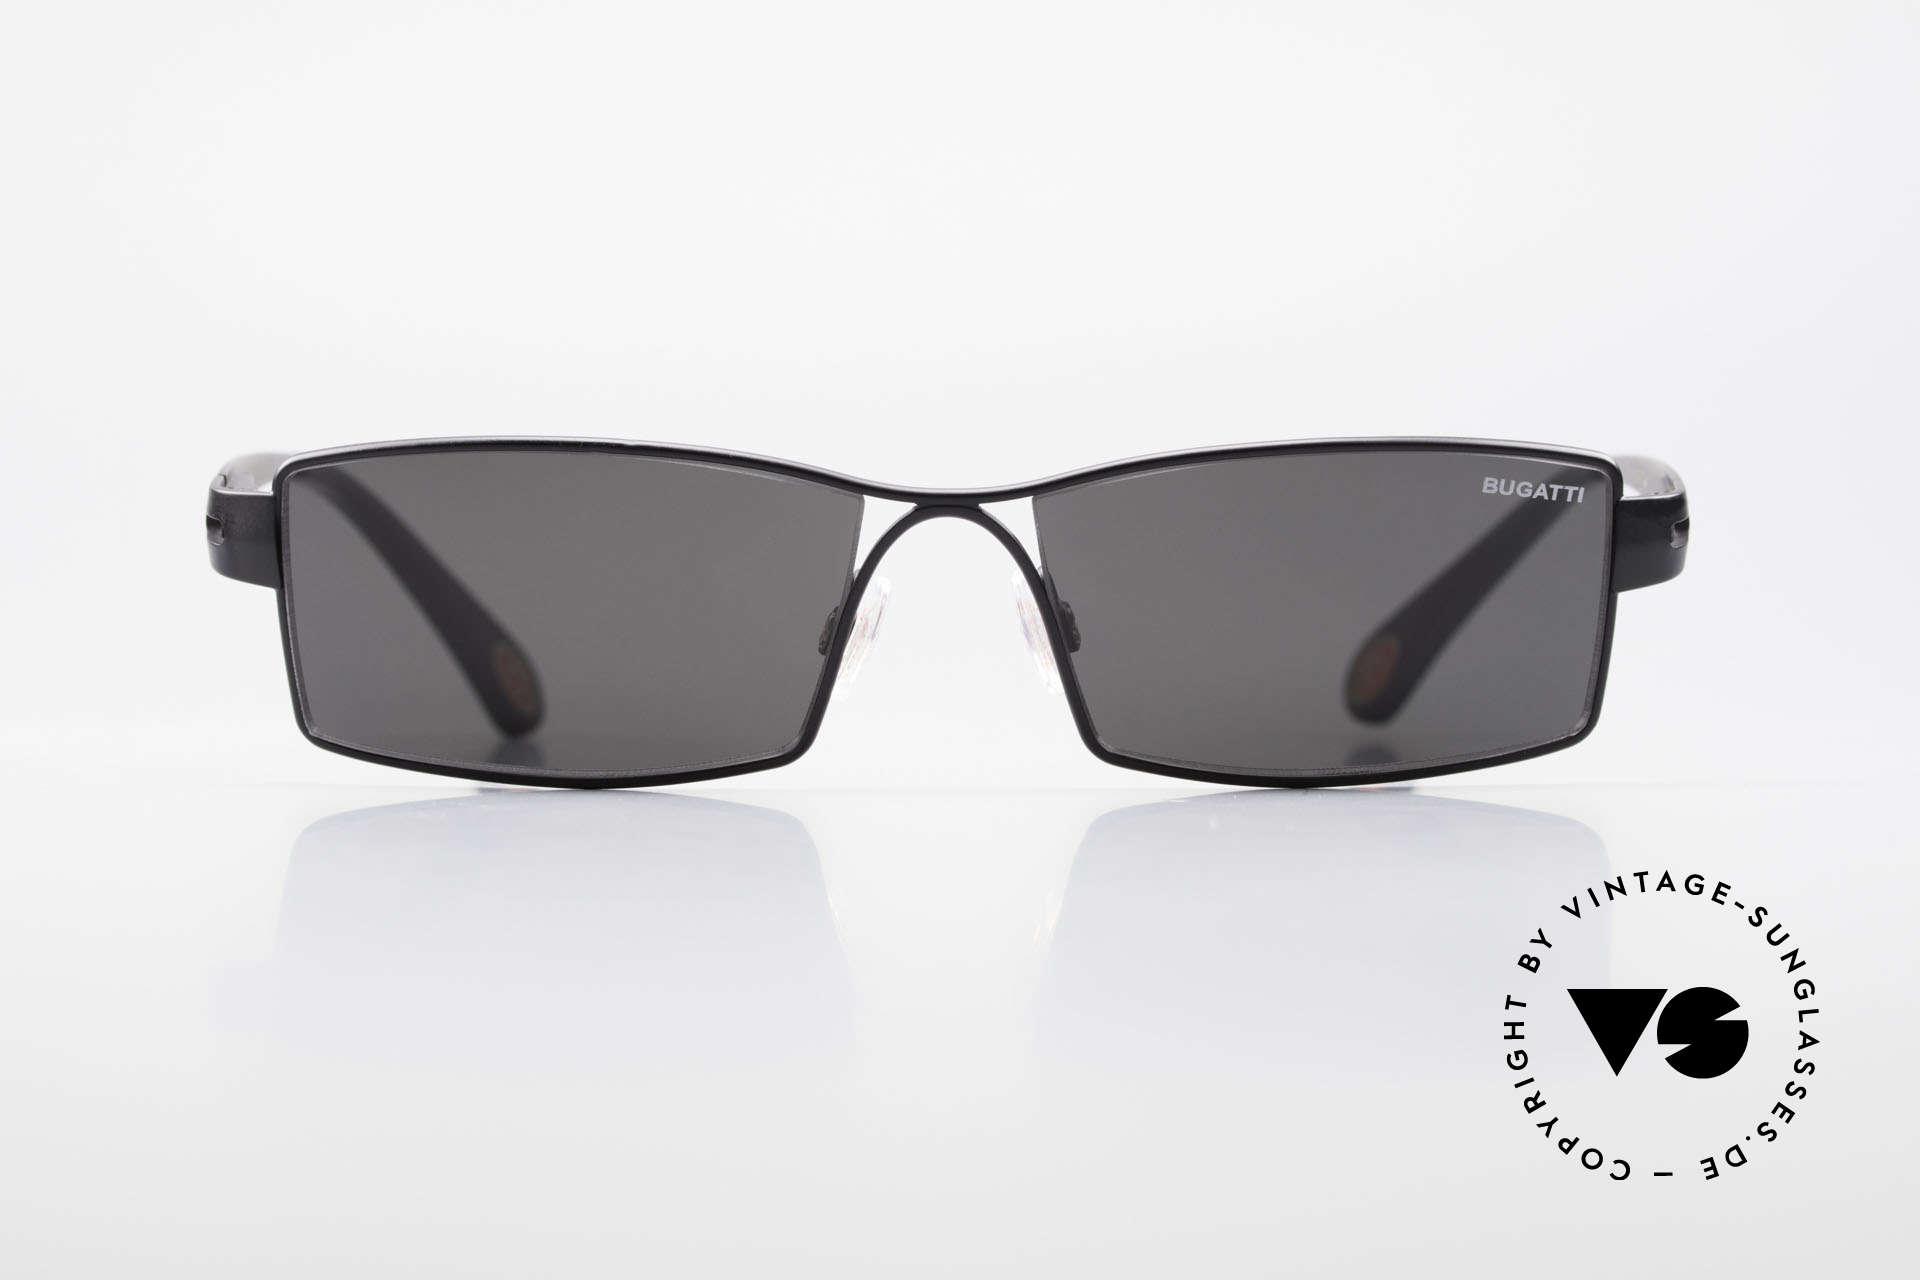 Bugatti 499 Rare XL Designersonnenbrille, absolute Top-Qualität sämtlicher Komponenten, Passend für Herren